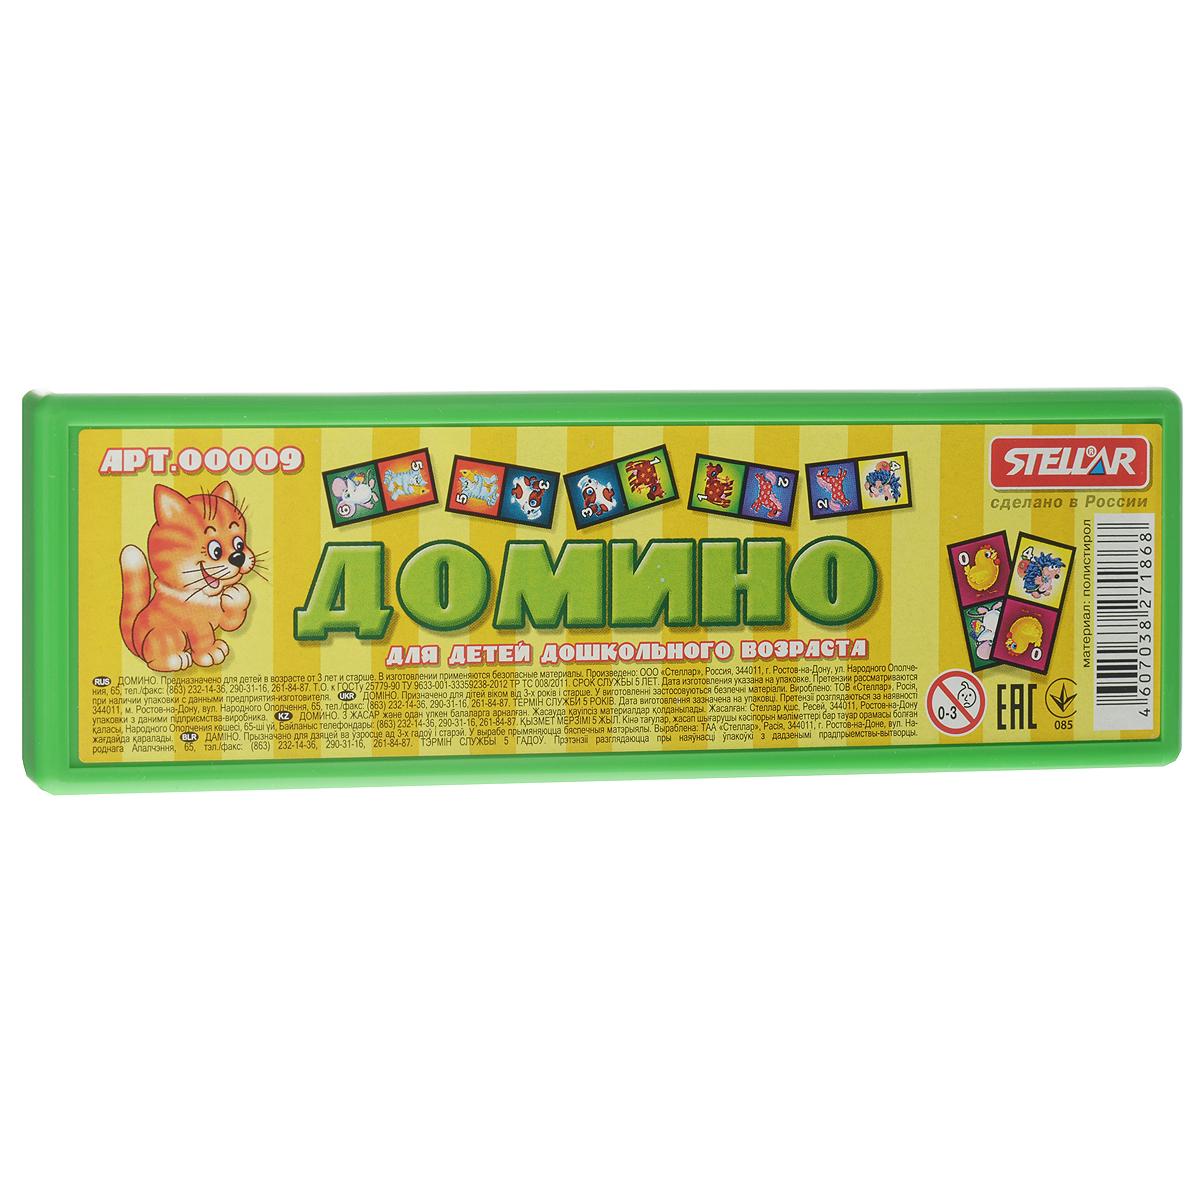 Stellar Домино Хорошие знакомые хорошие игры хром золотое издание